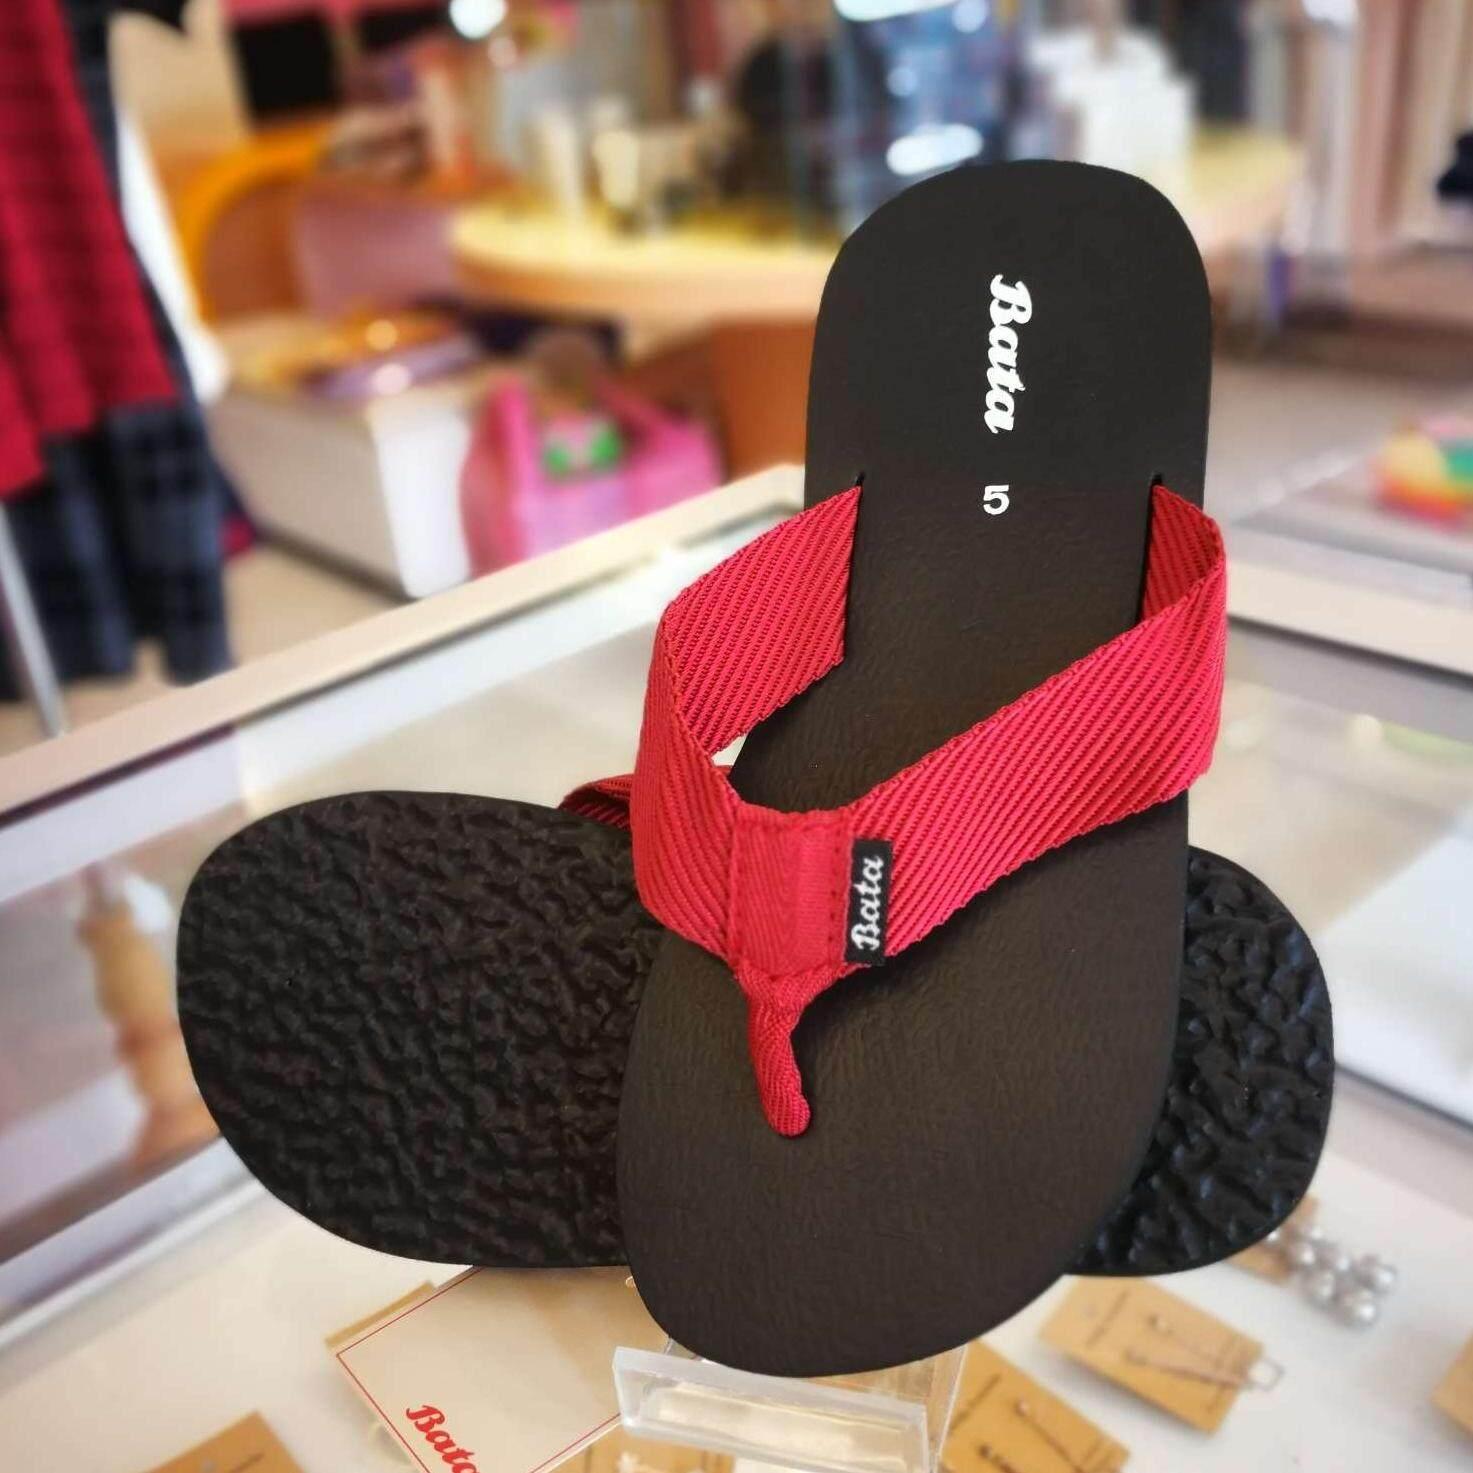 Bata รองเท้าบาจา สีดำ แดง น้ำตาล ไซด์ 38-43  *มีเก็บเงินปลายทาง* รุ่น 4082 5082 6082